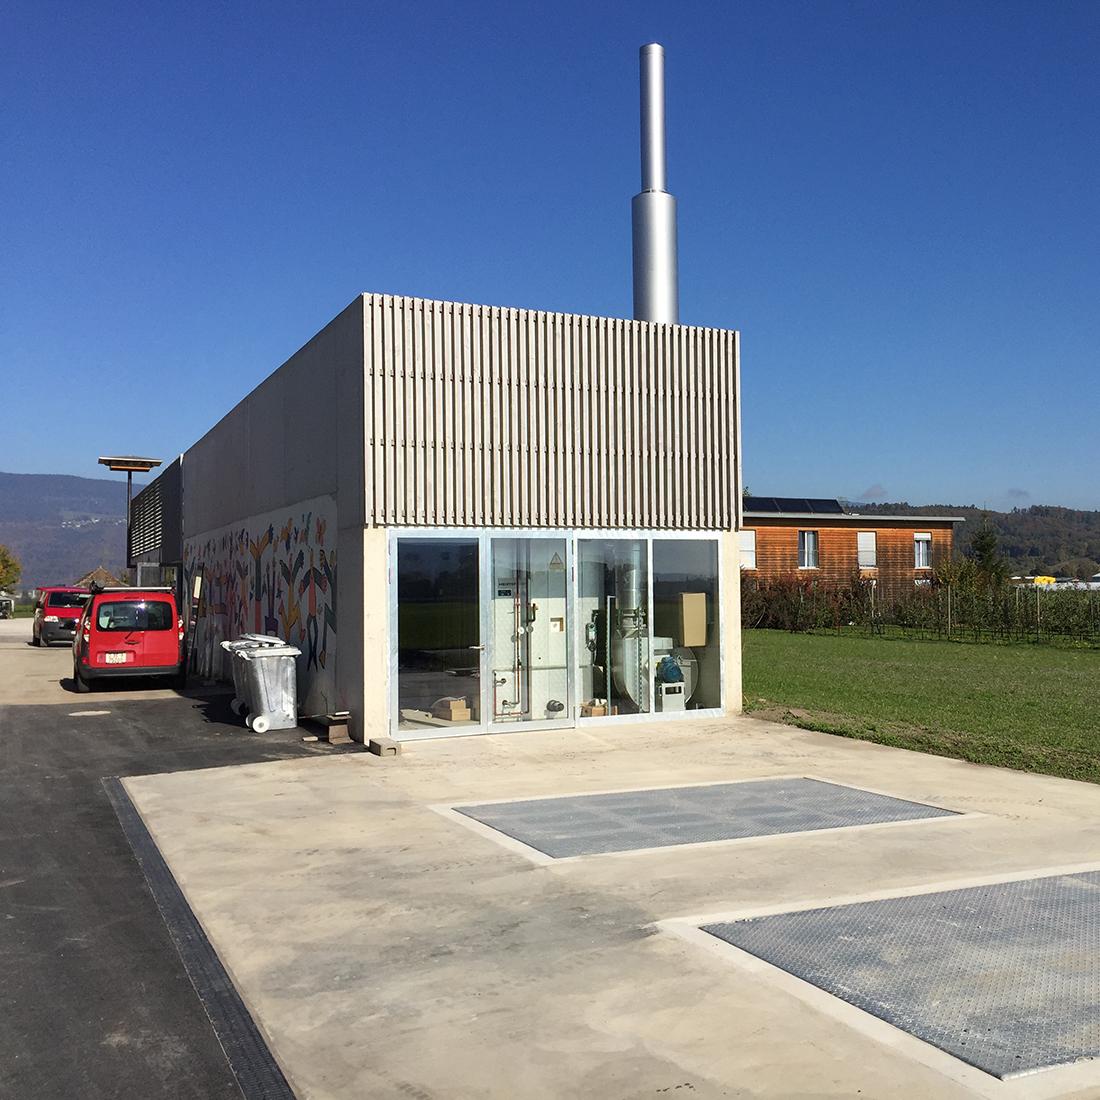 Projekt: Arealsanierung Tannenhof - Heizzentrale